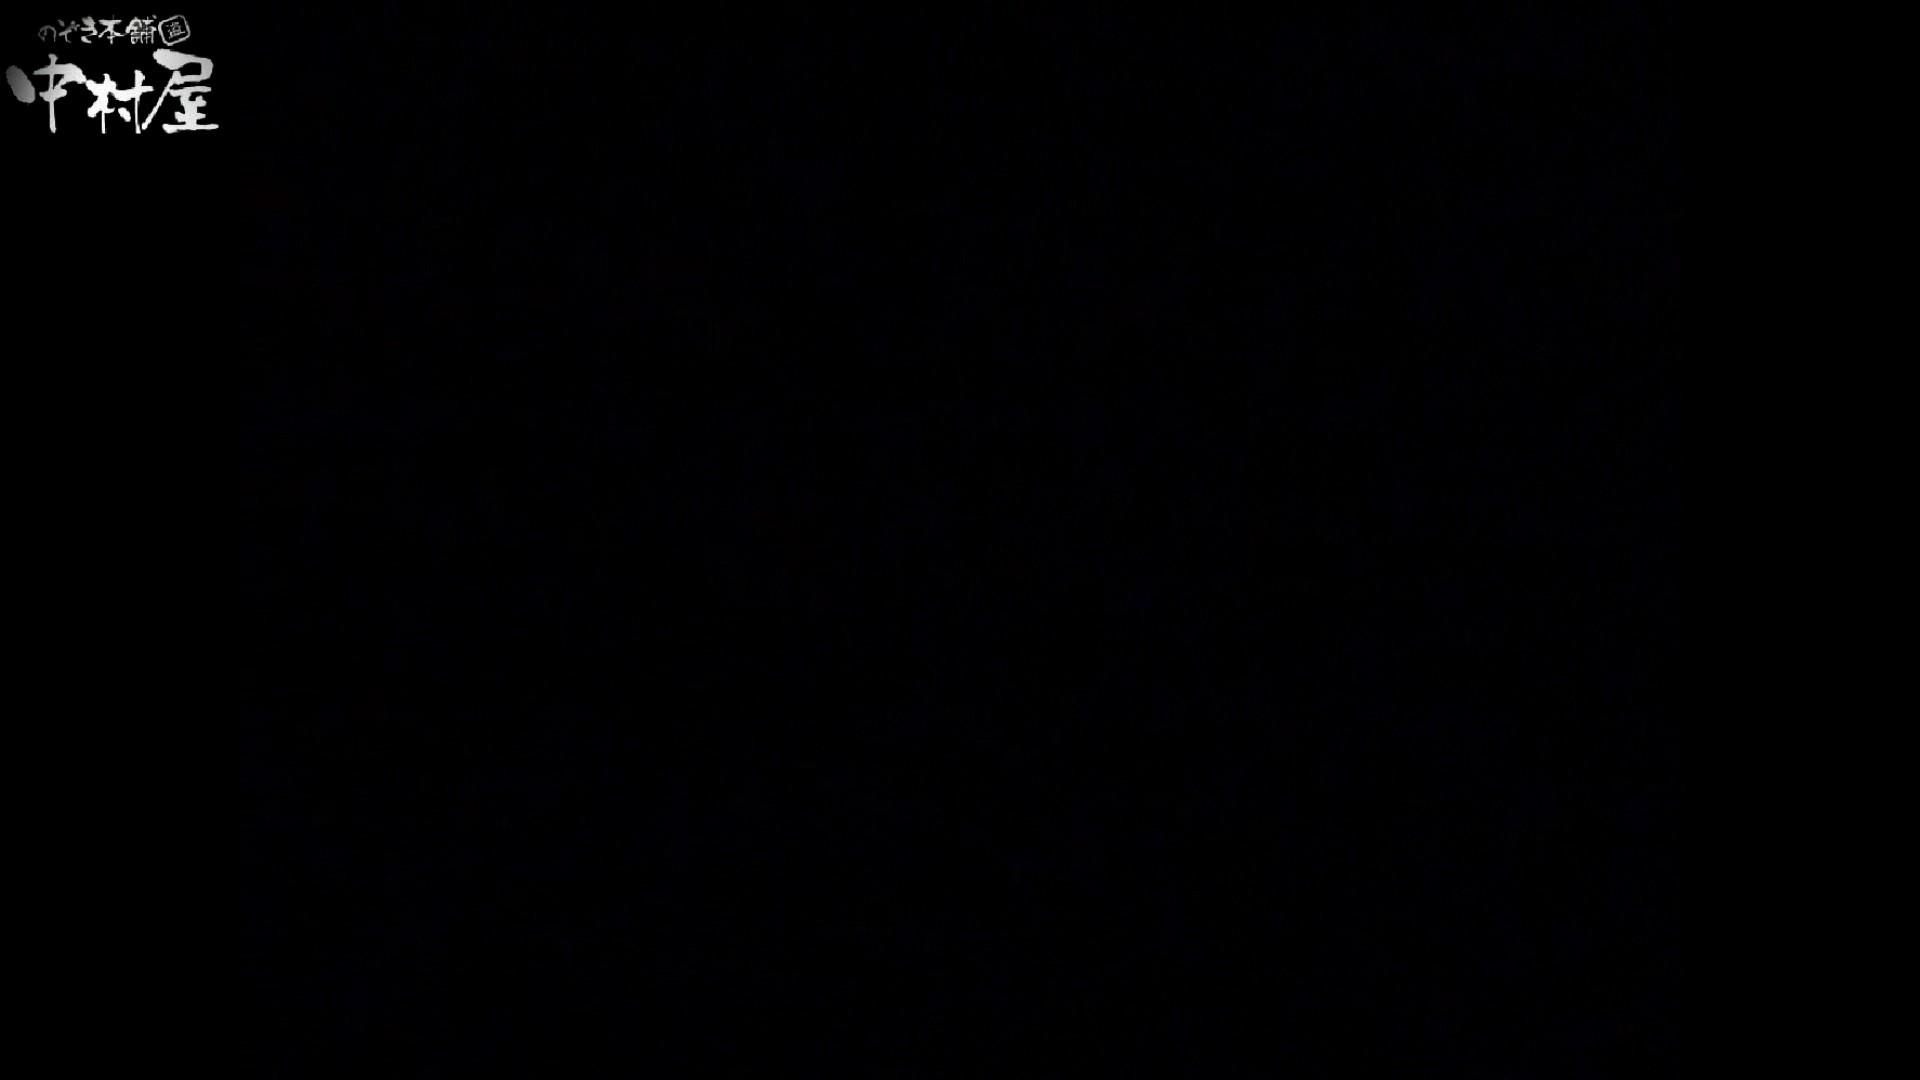 民家風呂専門盗撮師の超危険映像 vol.012 盗撮シリーズ  89PIX 55